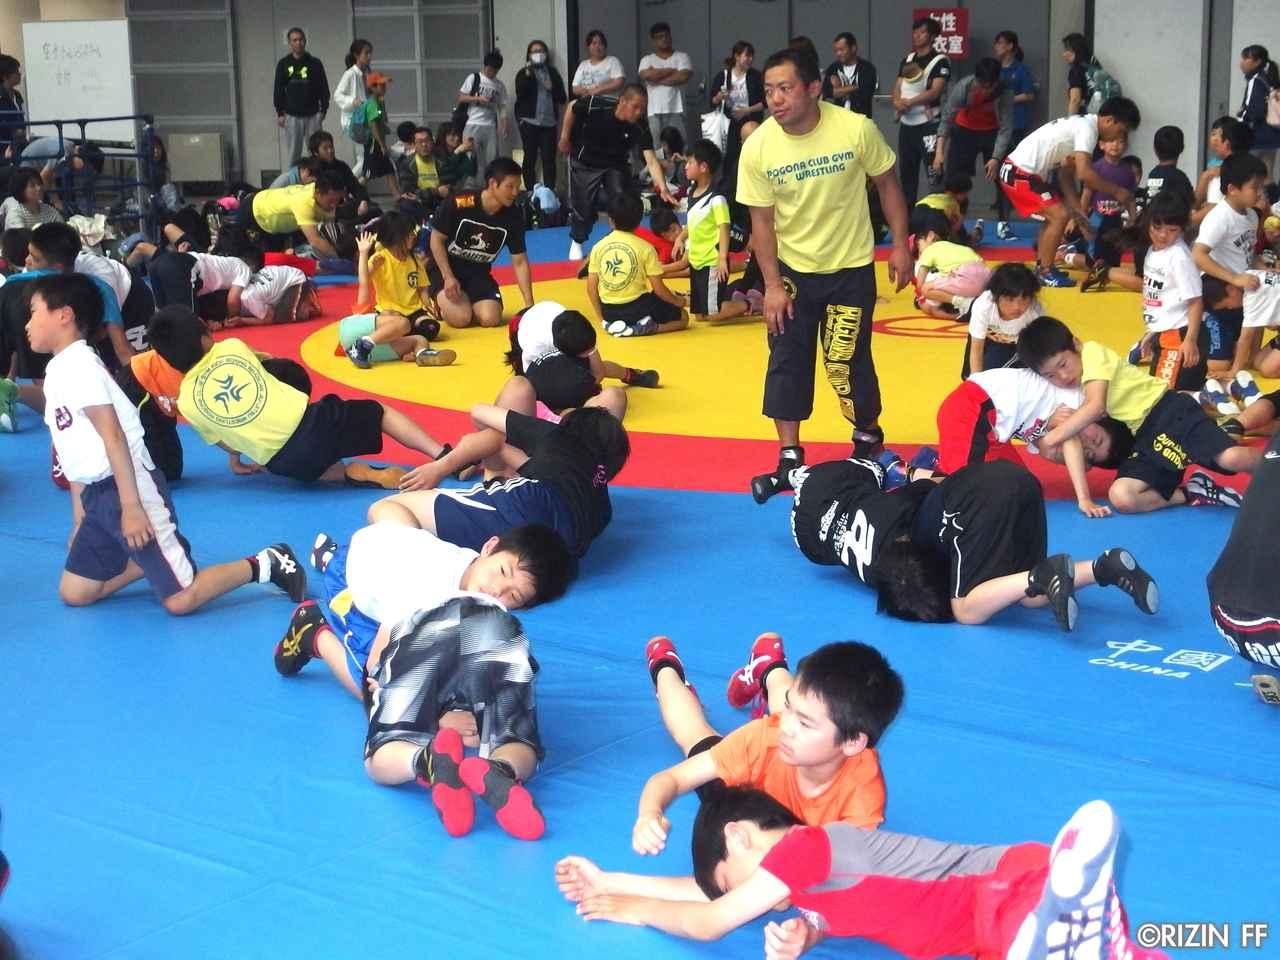 画像6: リオ五輪銀メダリストの太田忍が200人のちびっこたちにレスリングを指導!第2回RIZINレスリングキャンプ大盛況!!